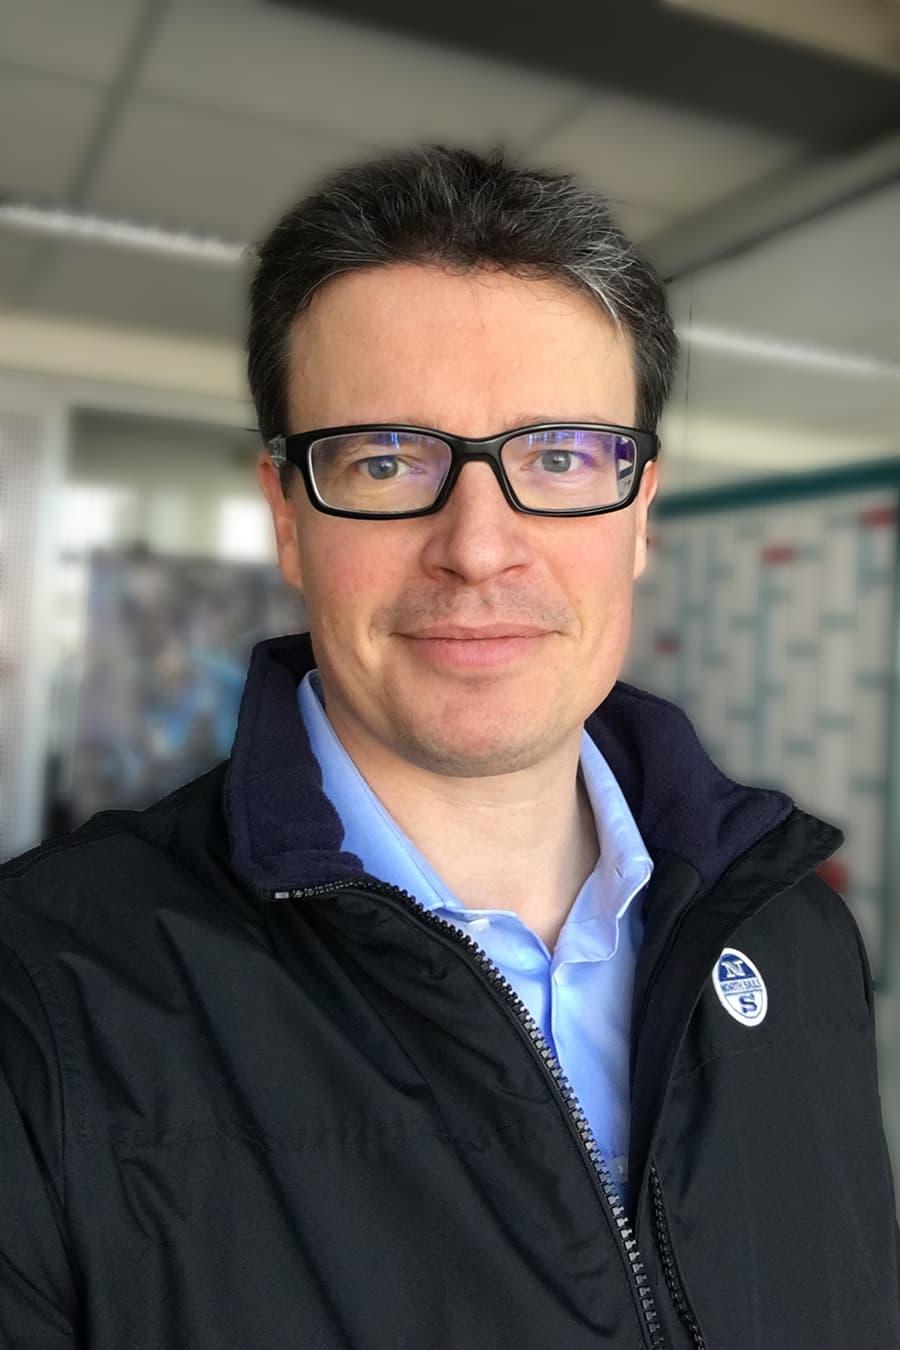 Speaker André Leisner